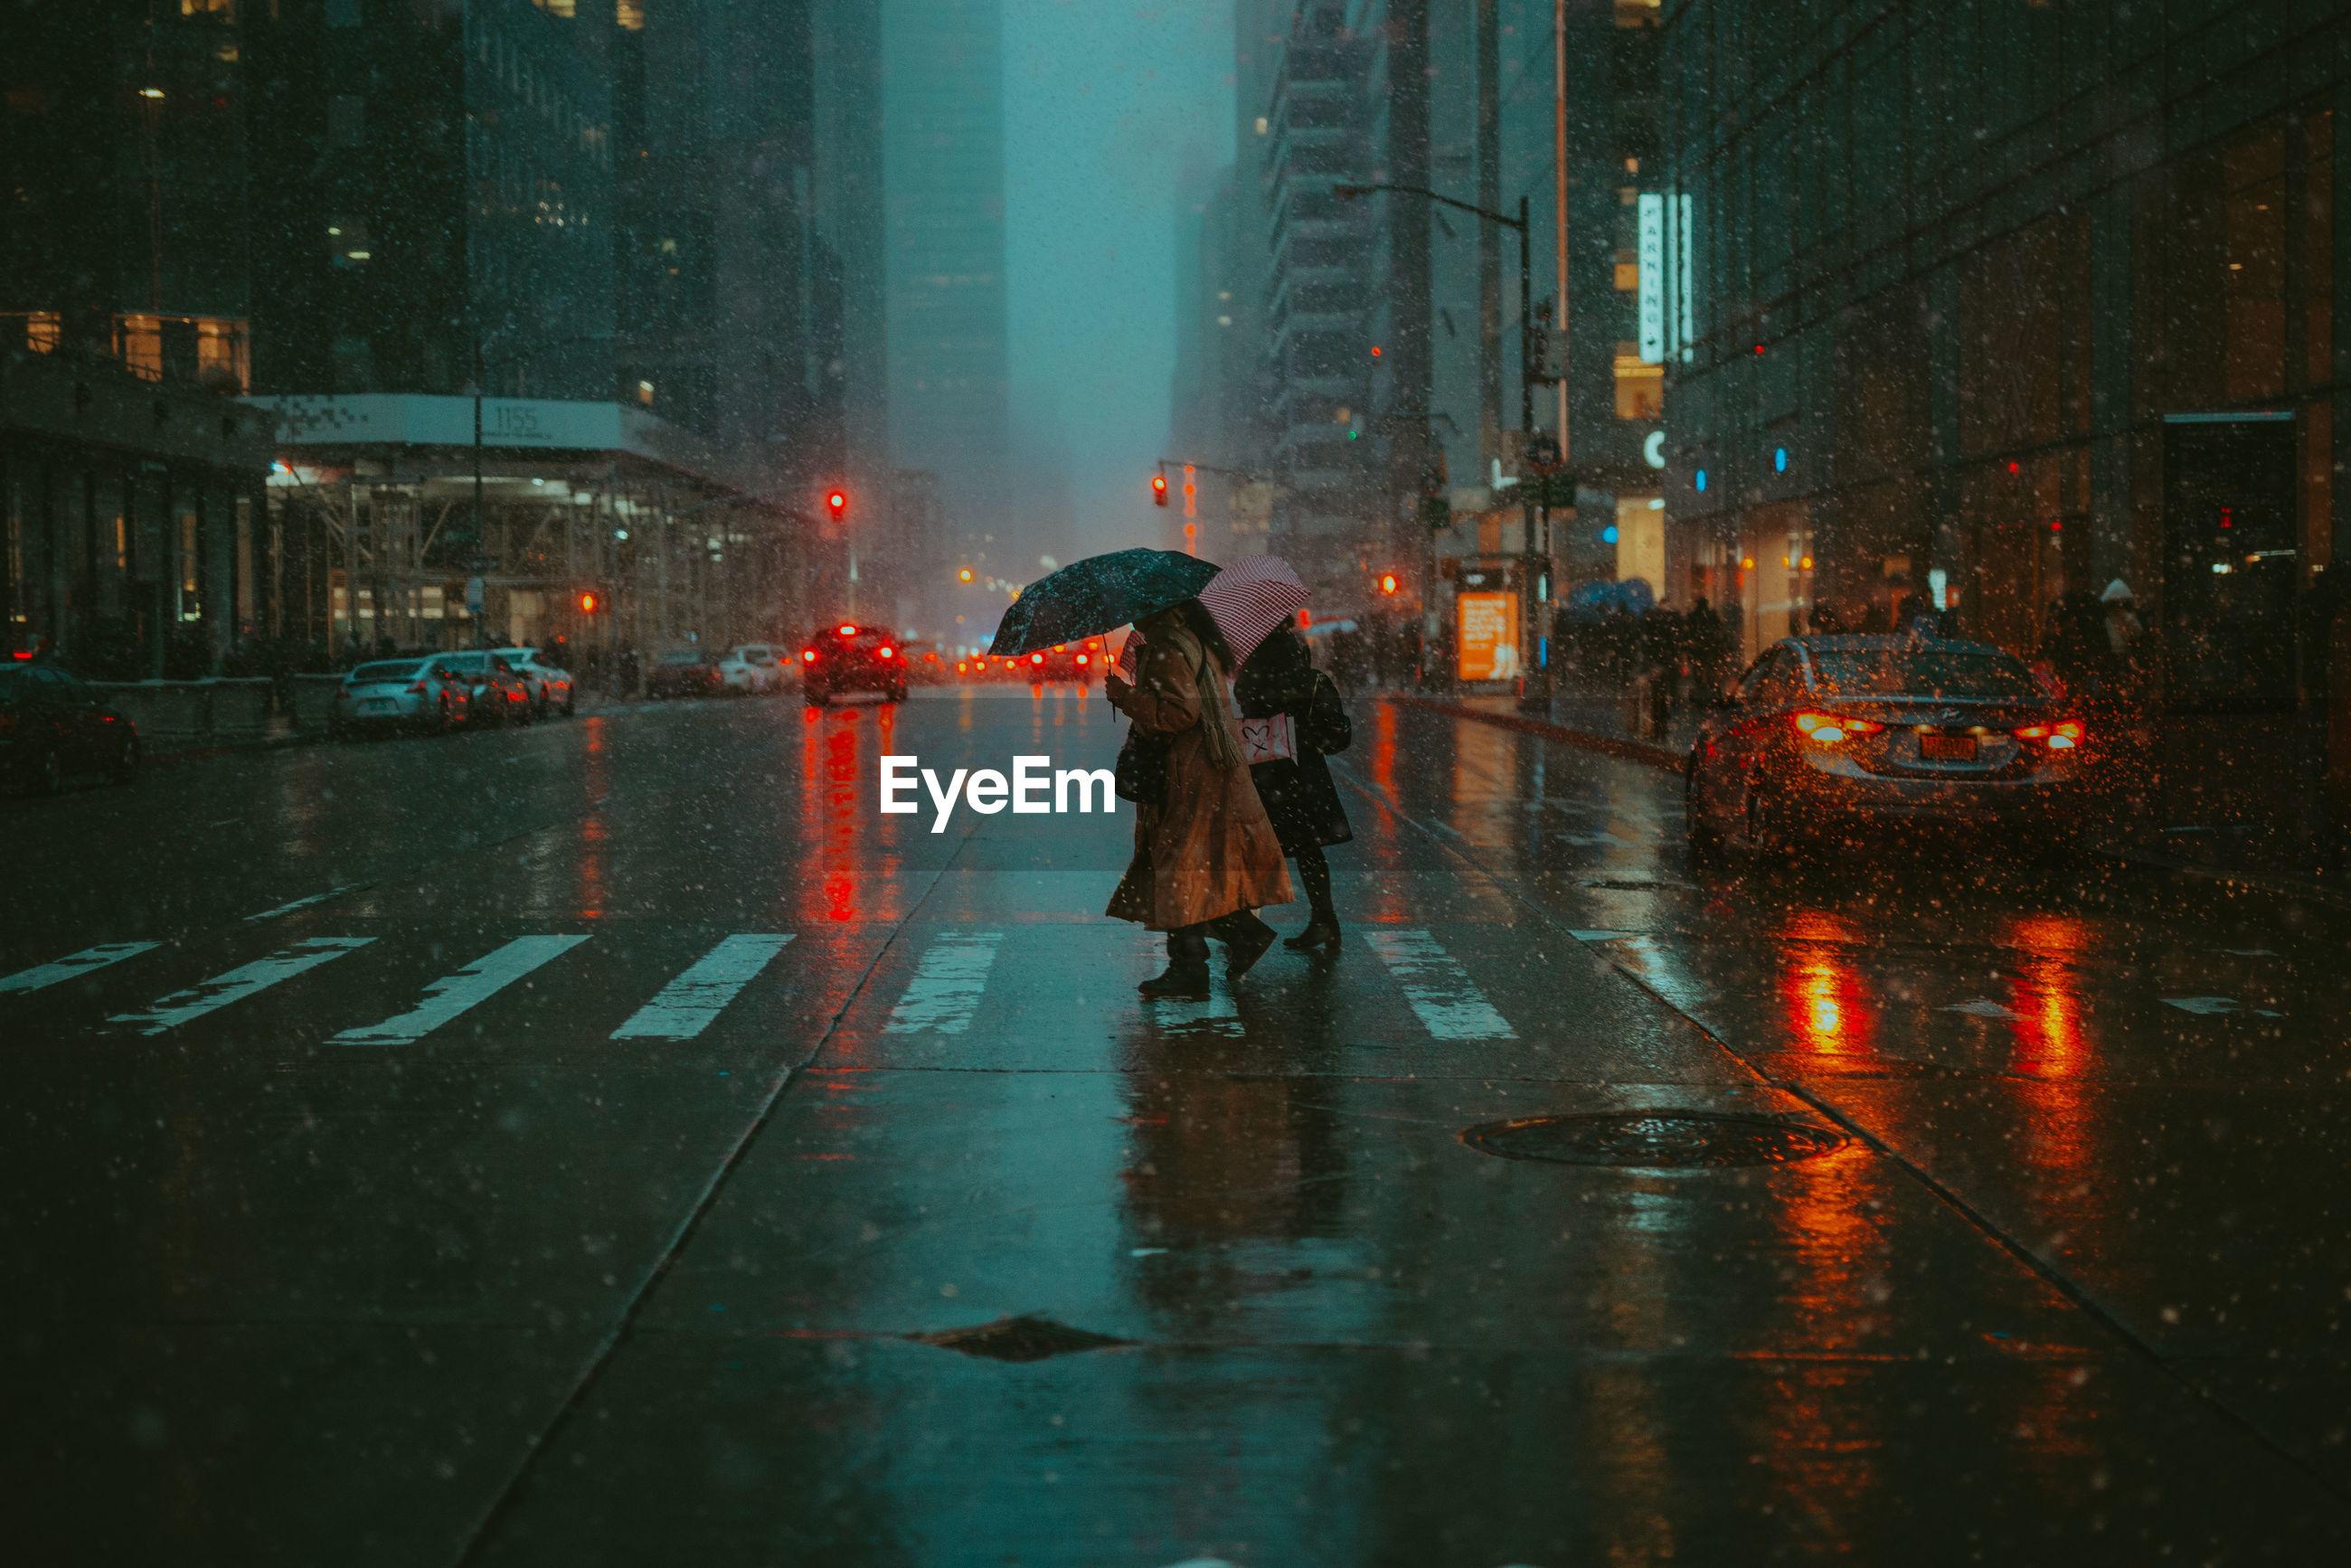 PEOPLE WALKING ON WET ROAD IN RAIN